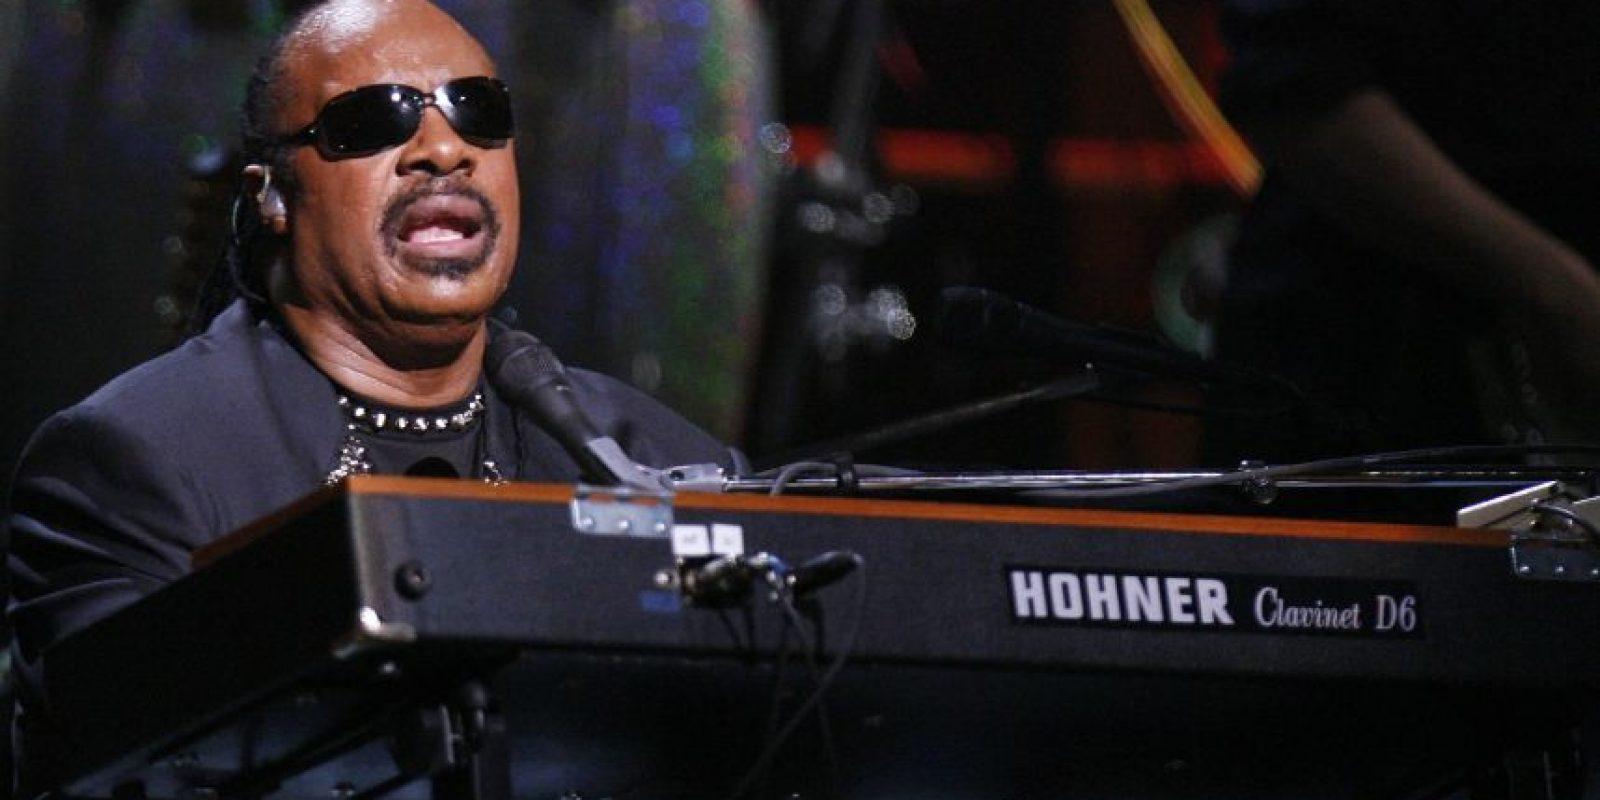 El cantautor ciego de 64 años ha ganado 25 premios Grammy